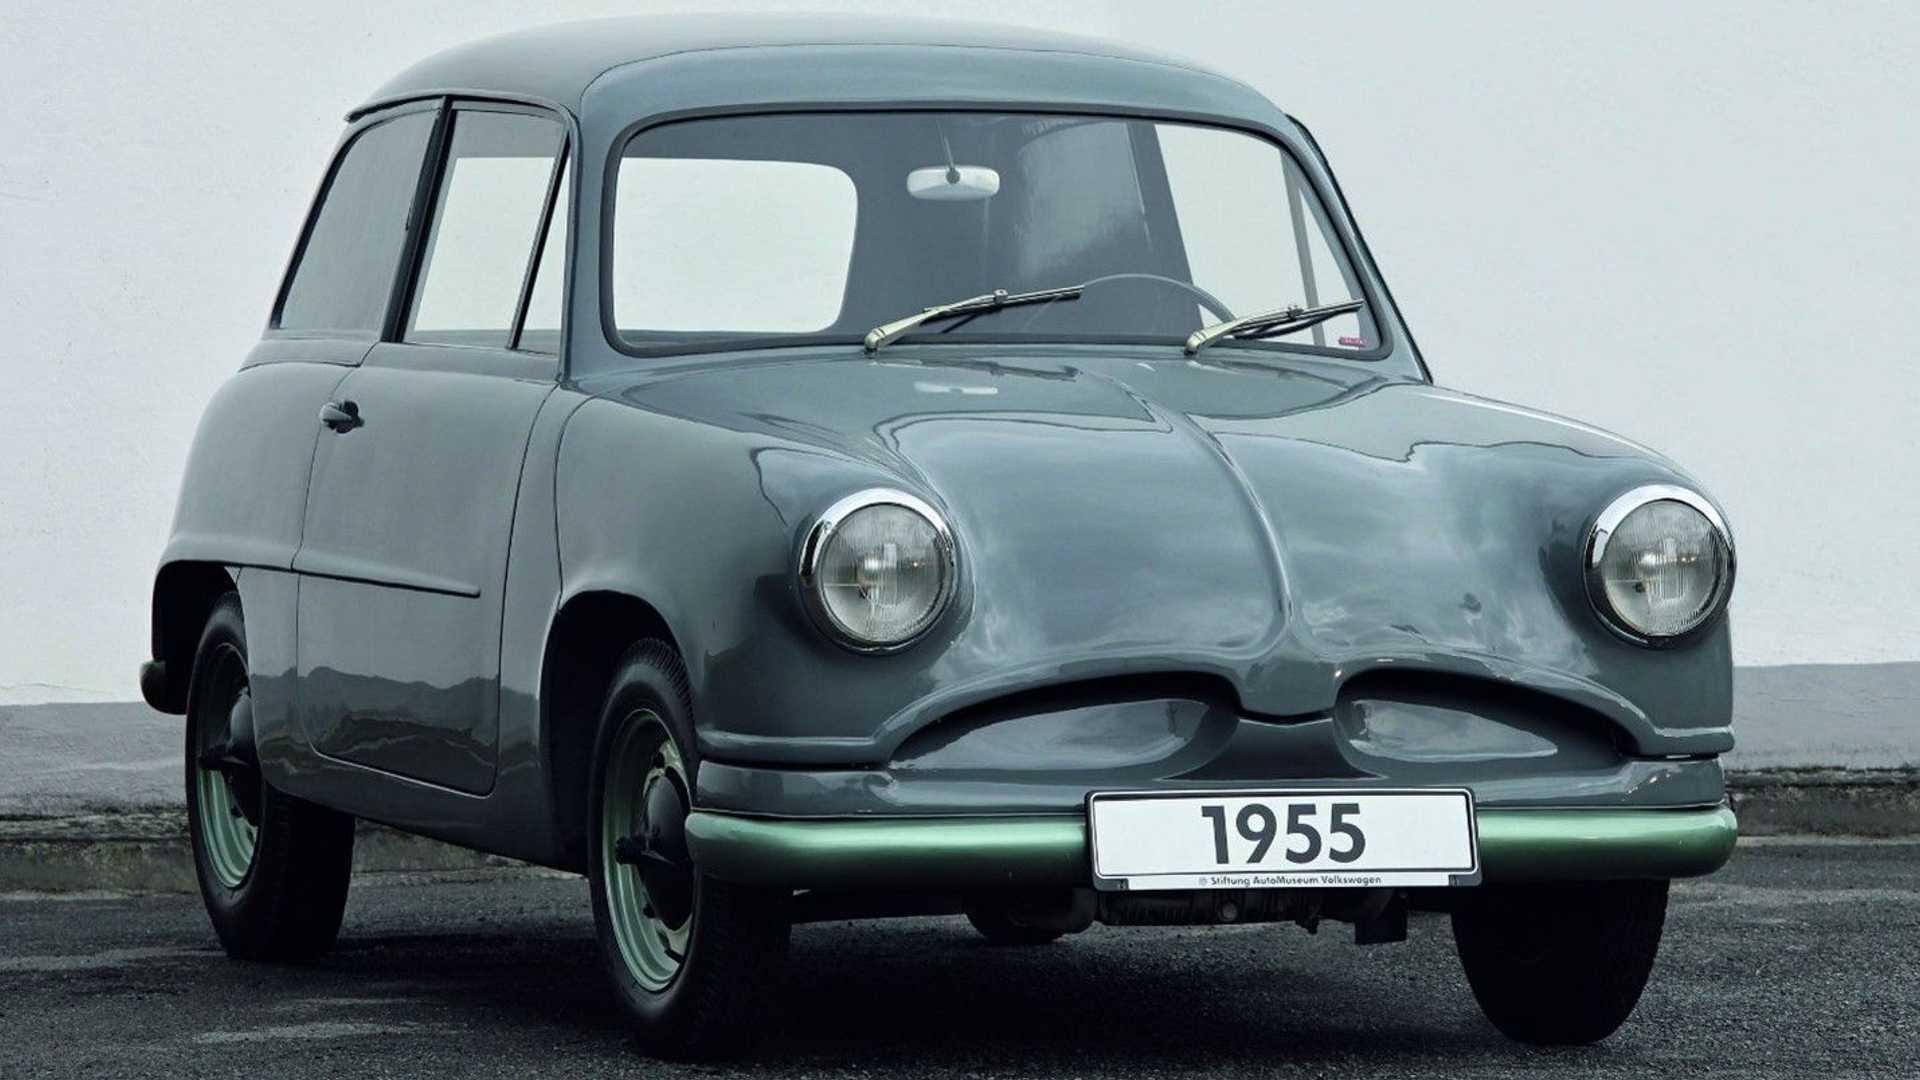 vw-beetle-replacement-prototype-1955-ea48